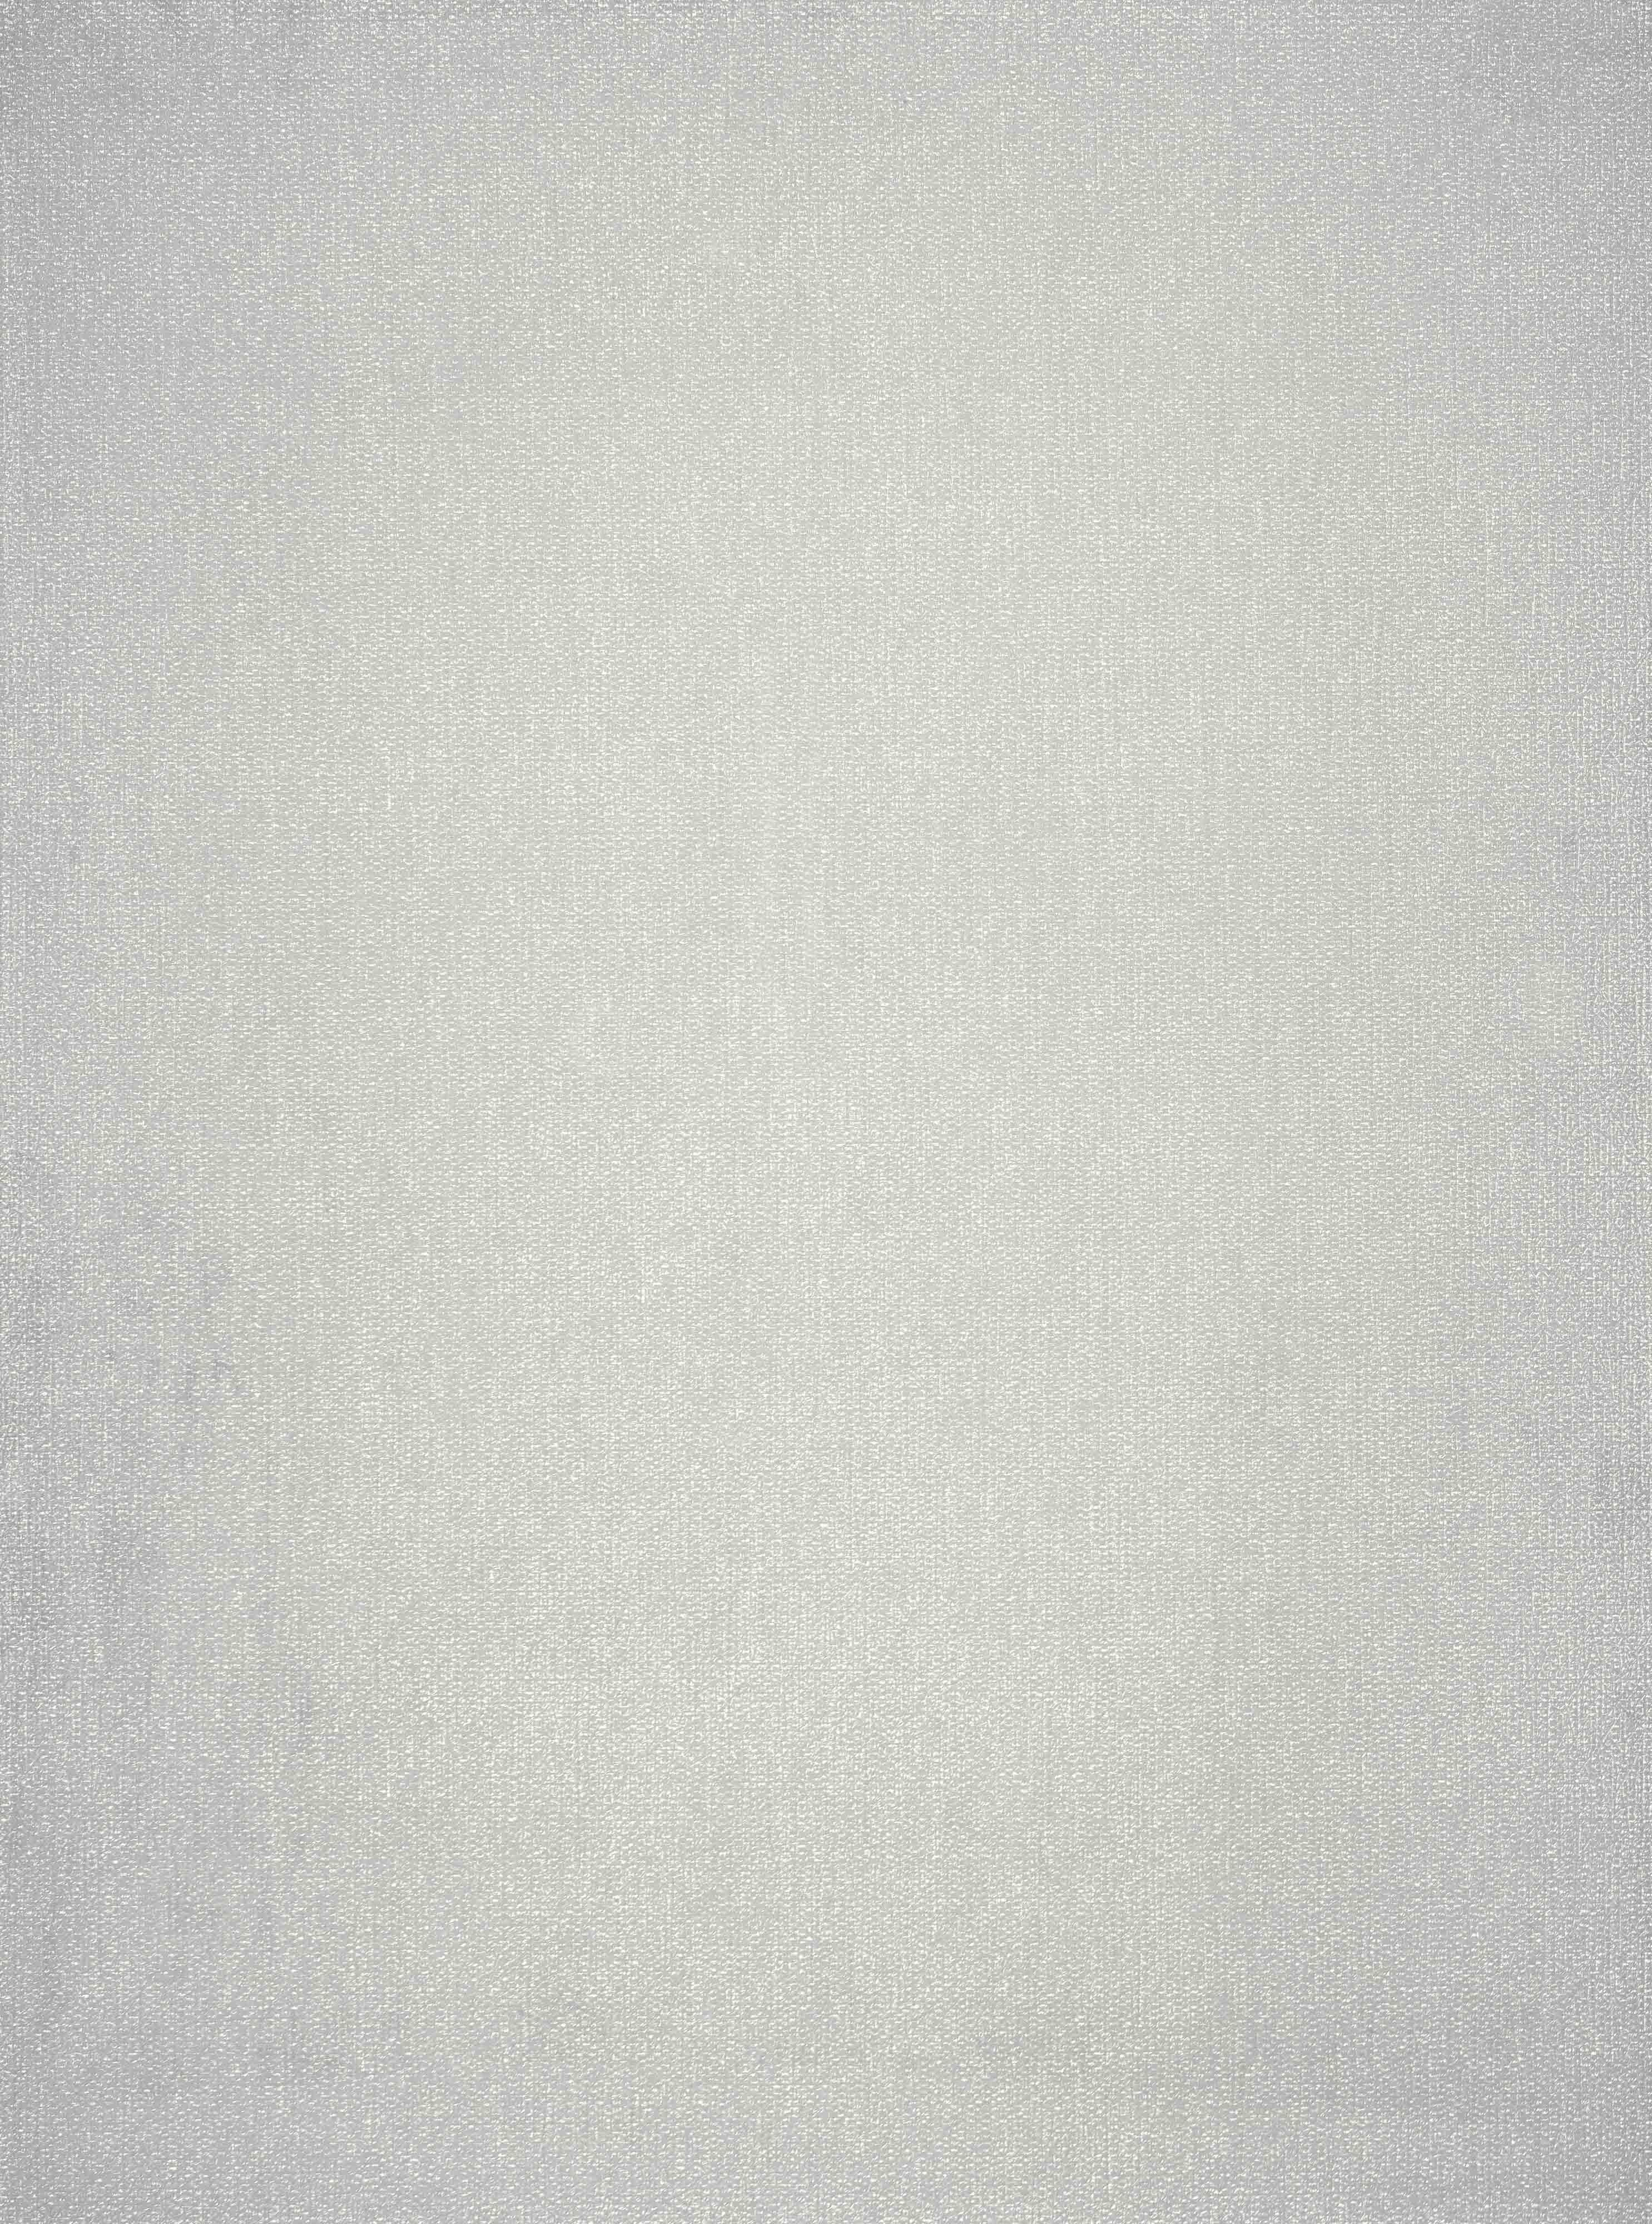 10 - Sicis - Tela White